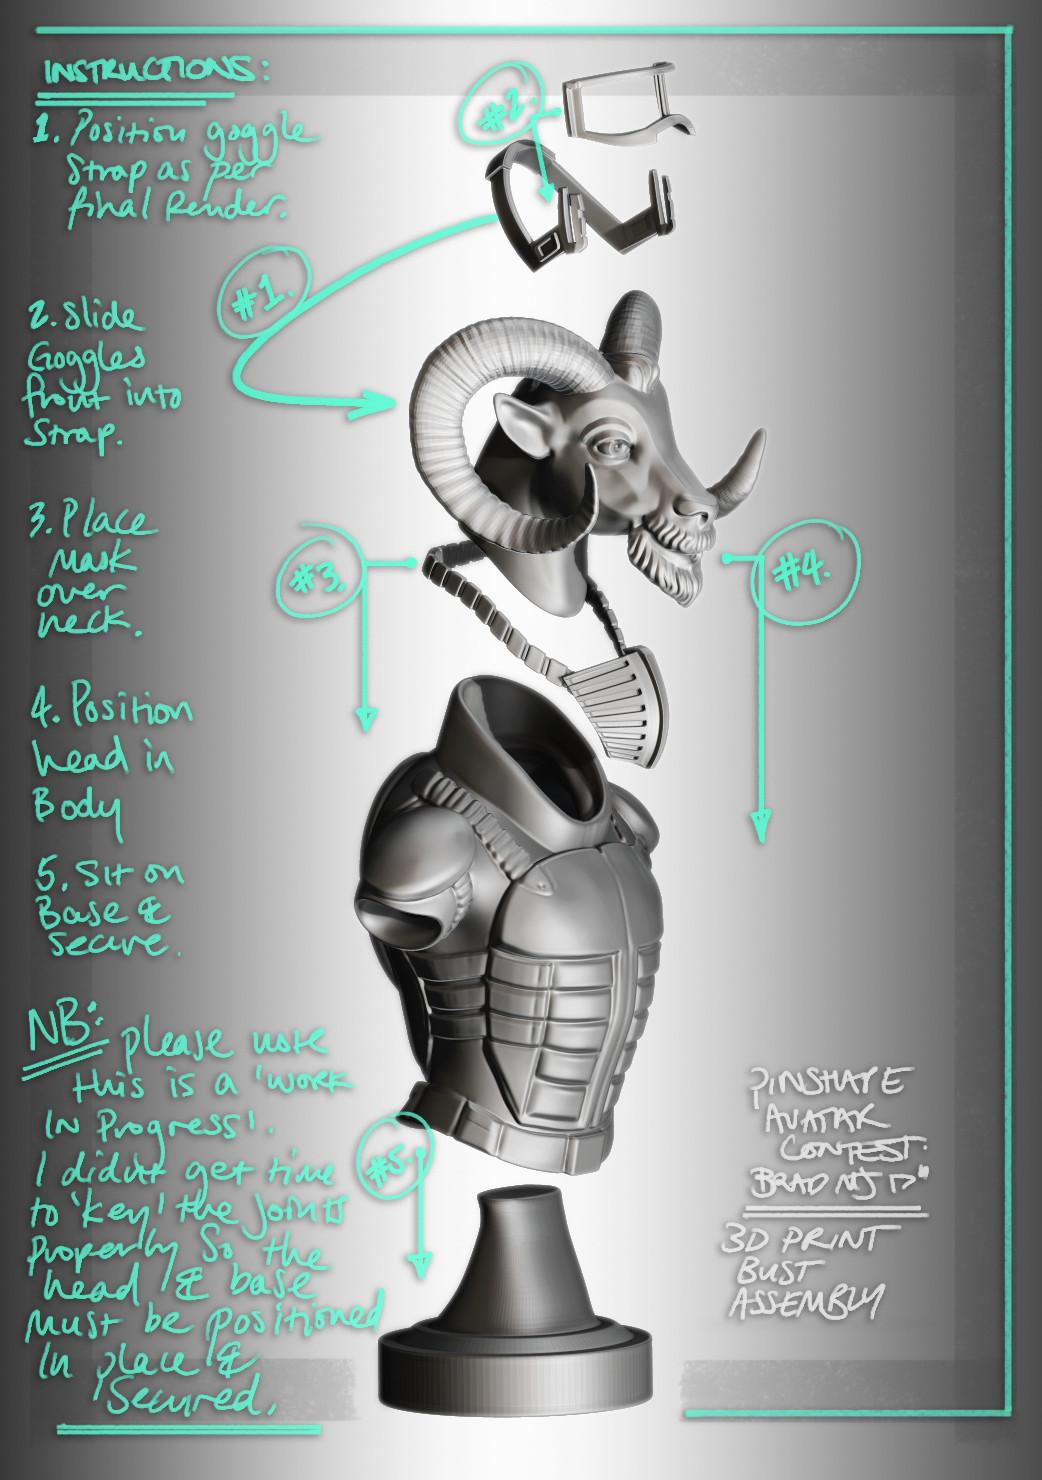 Bradley morgan johnson 3 avatar assemblybpr render